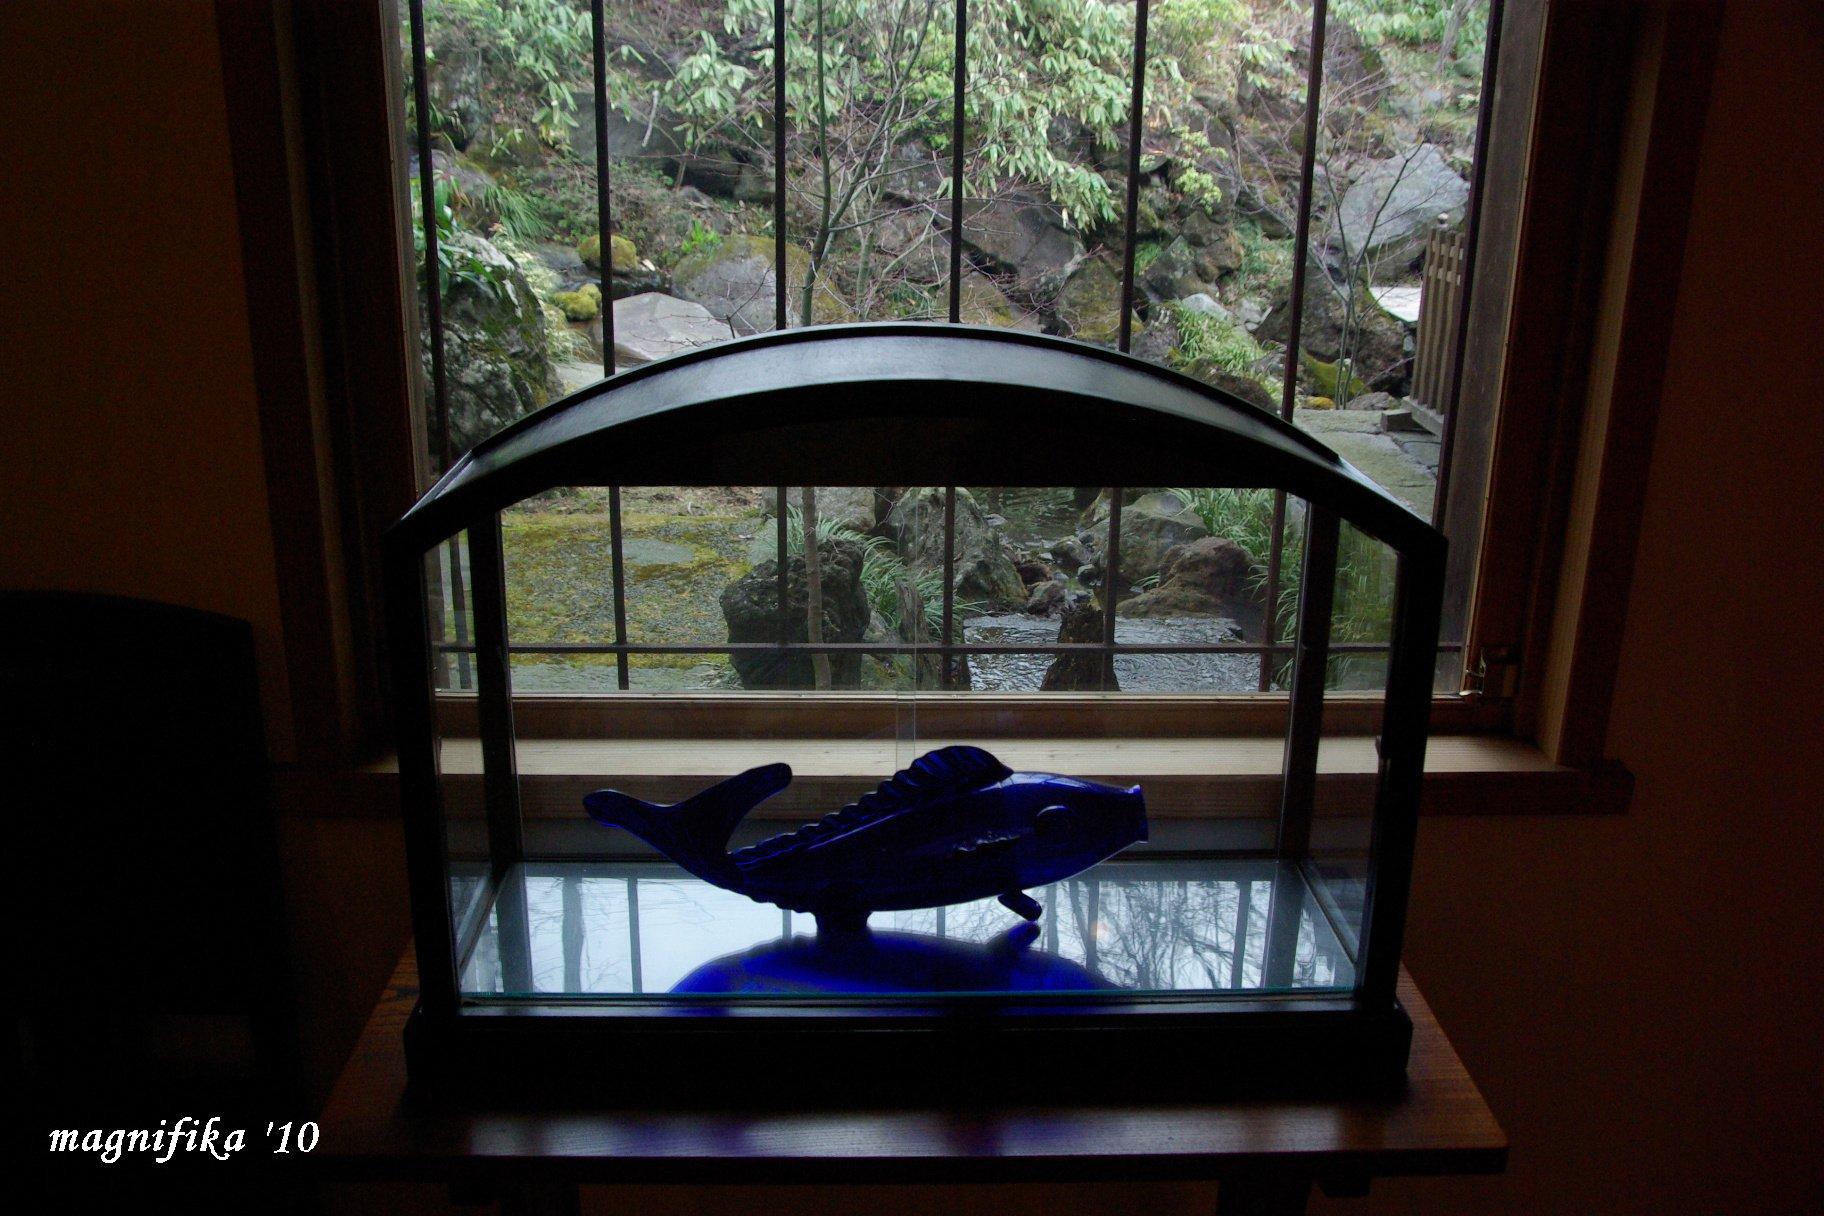 美術館 5 竹久夢二伊香保記念館など/Takehisa Yumeji Museum in Ikaho, Gumma_e0140365_209493.jpg